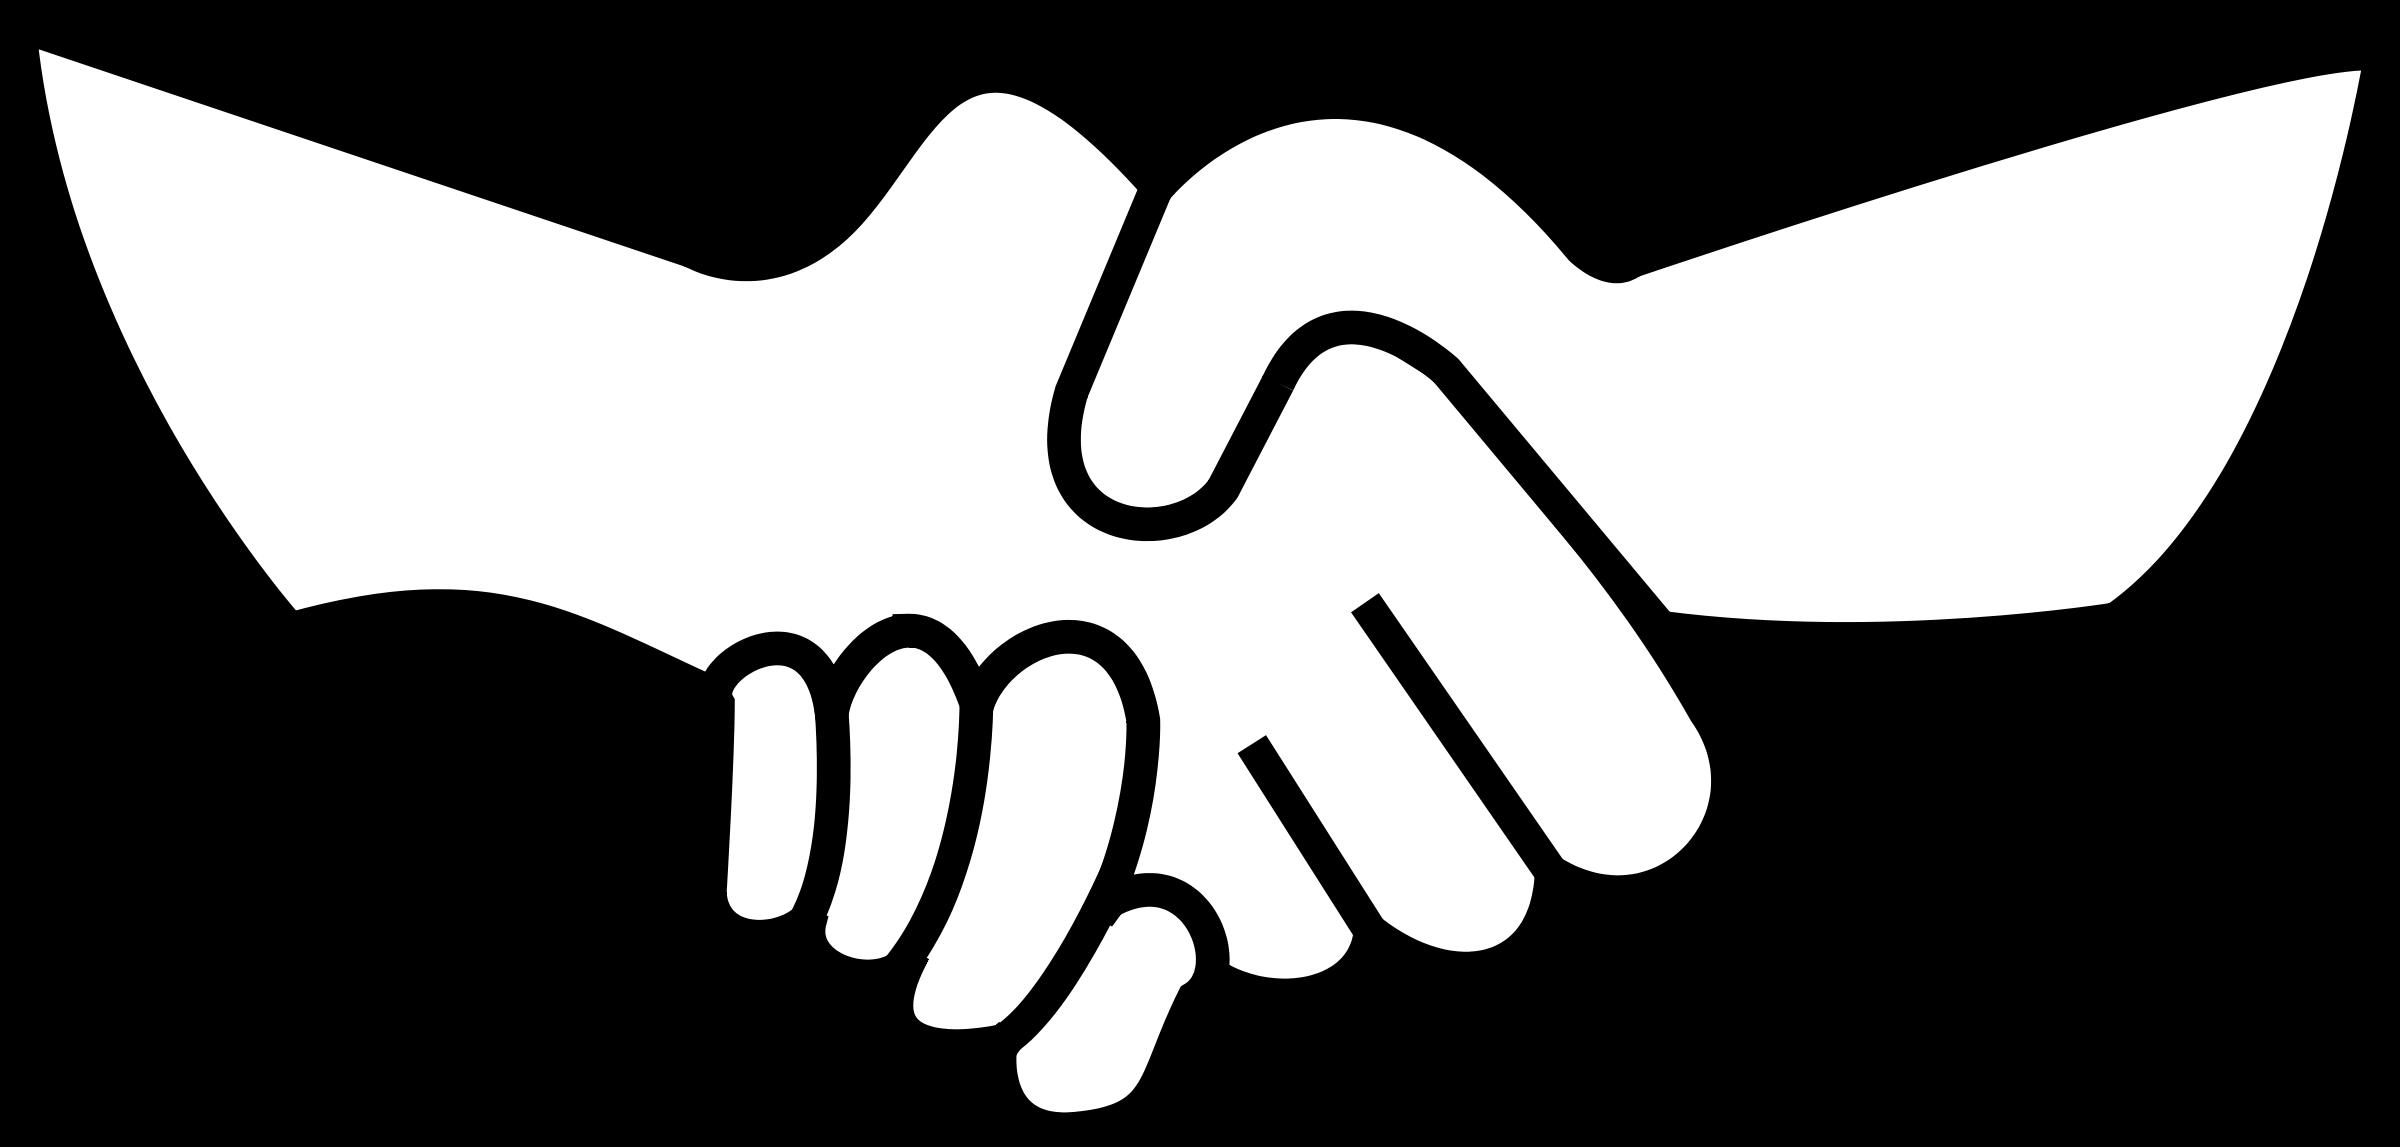 2400x1147 Handshake Shaking Hands Hand Shake Clip Art Clipart Image 5